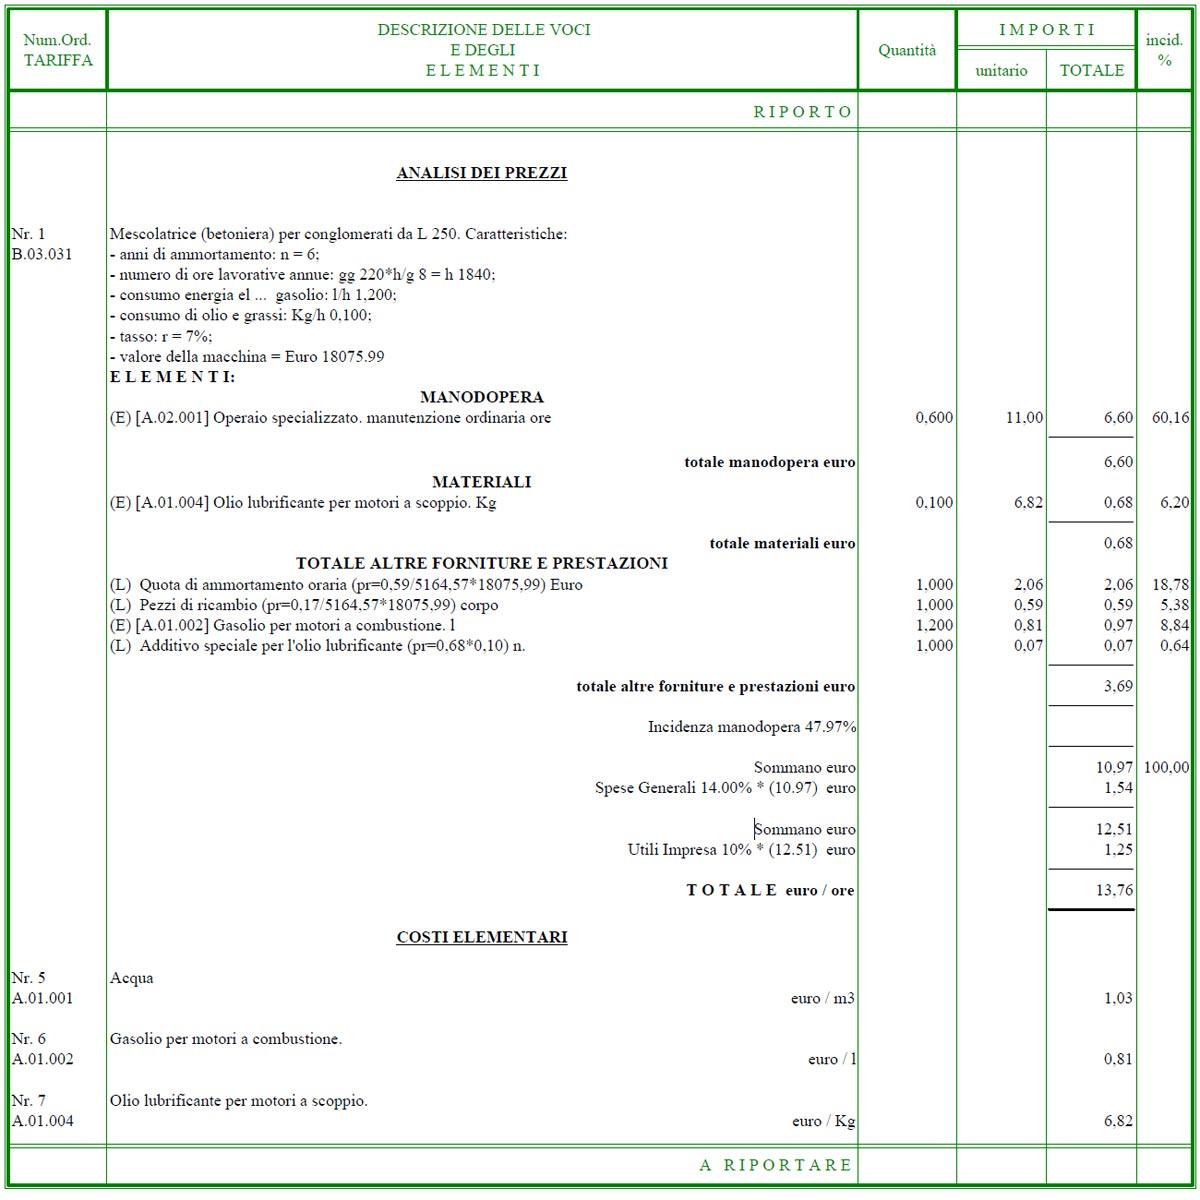 Elenco prezzi unitari cos terminali antivento per stufe a pellet - Prezzario camera di commercio ...